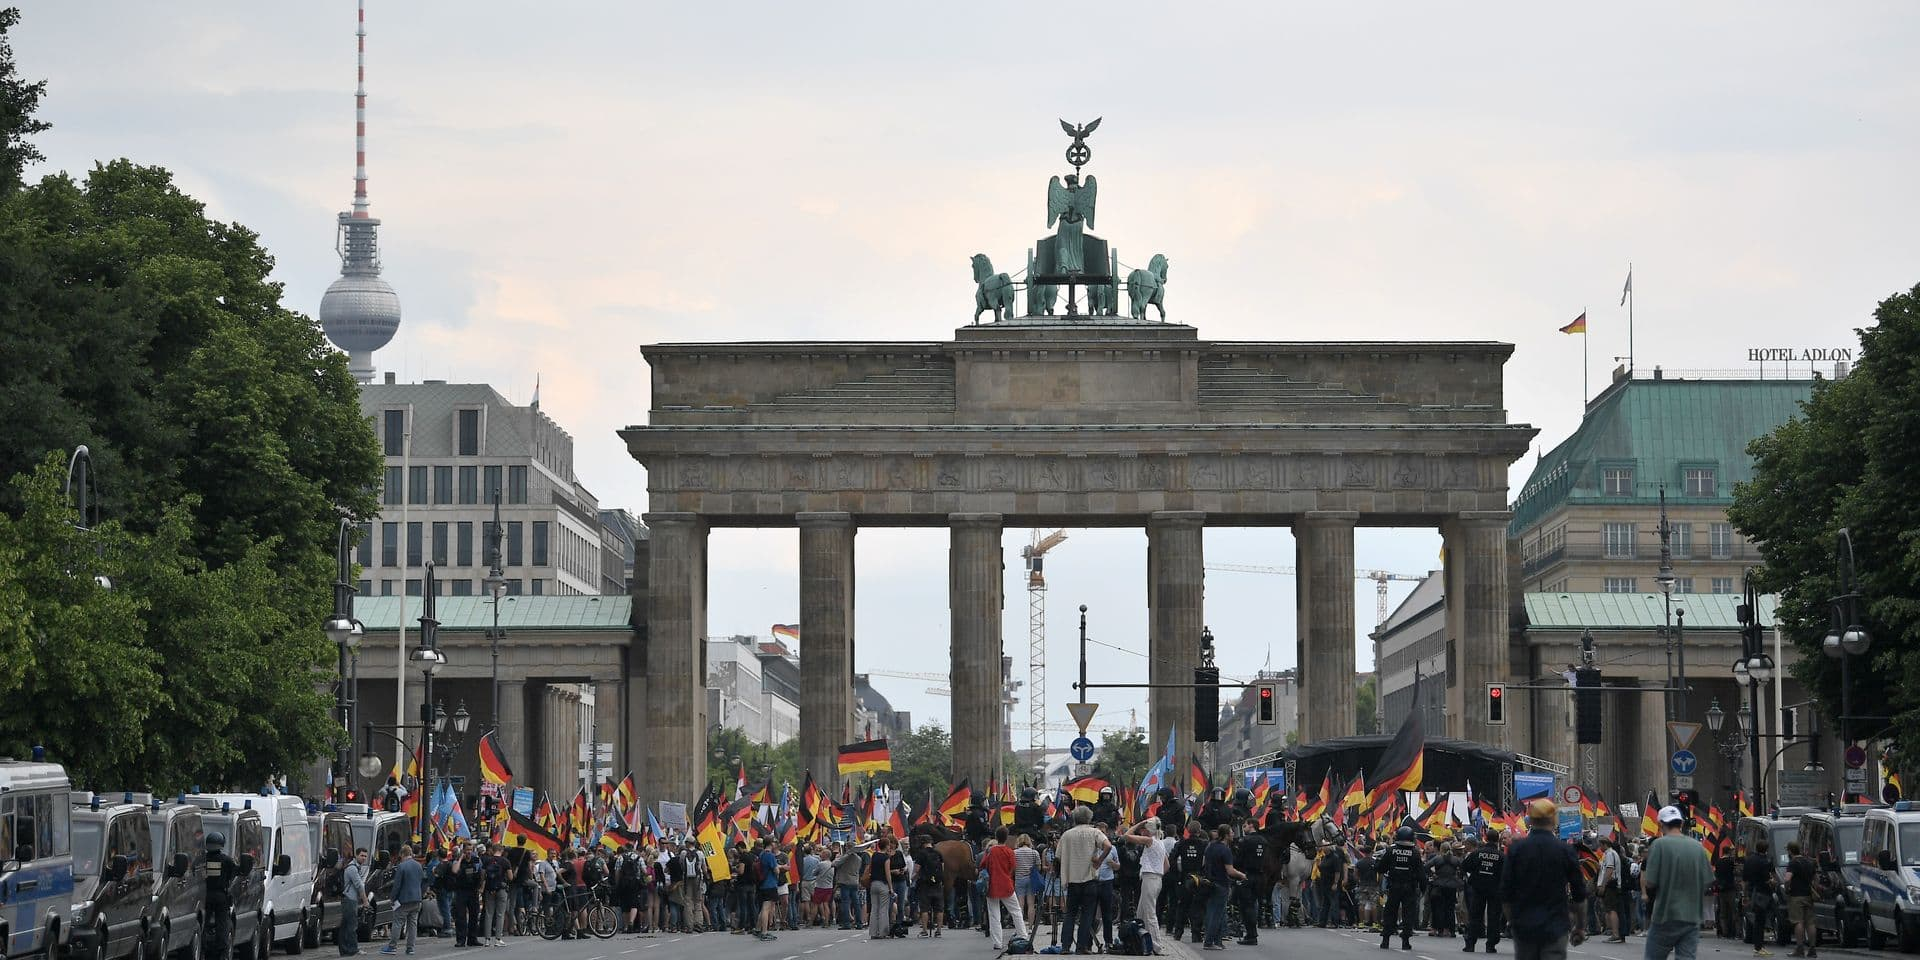 Berlin sous tension en raison de manifestations de partisans et d'opposants à l'extrême-droite